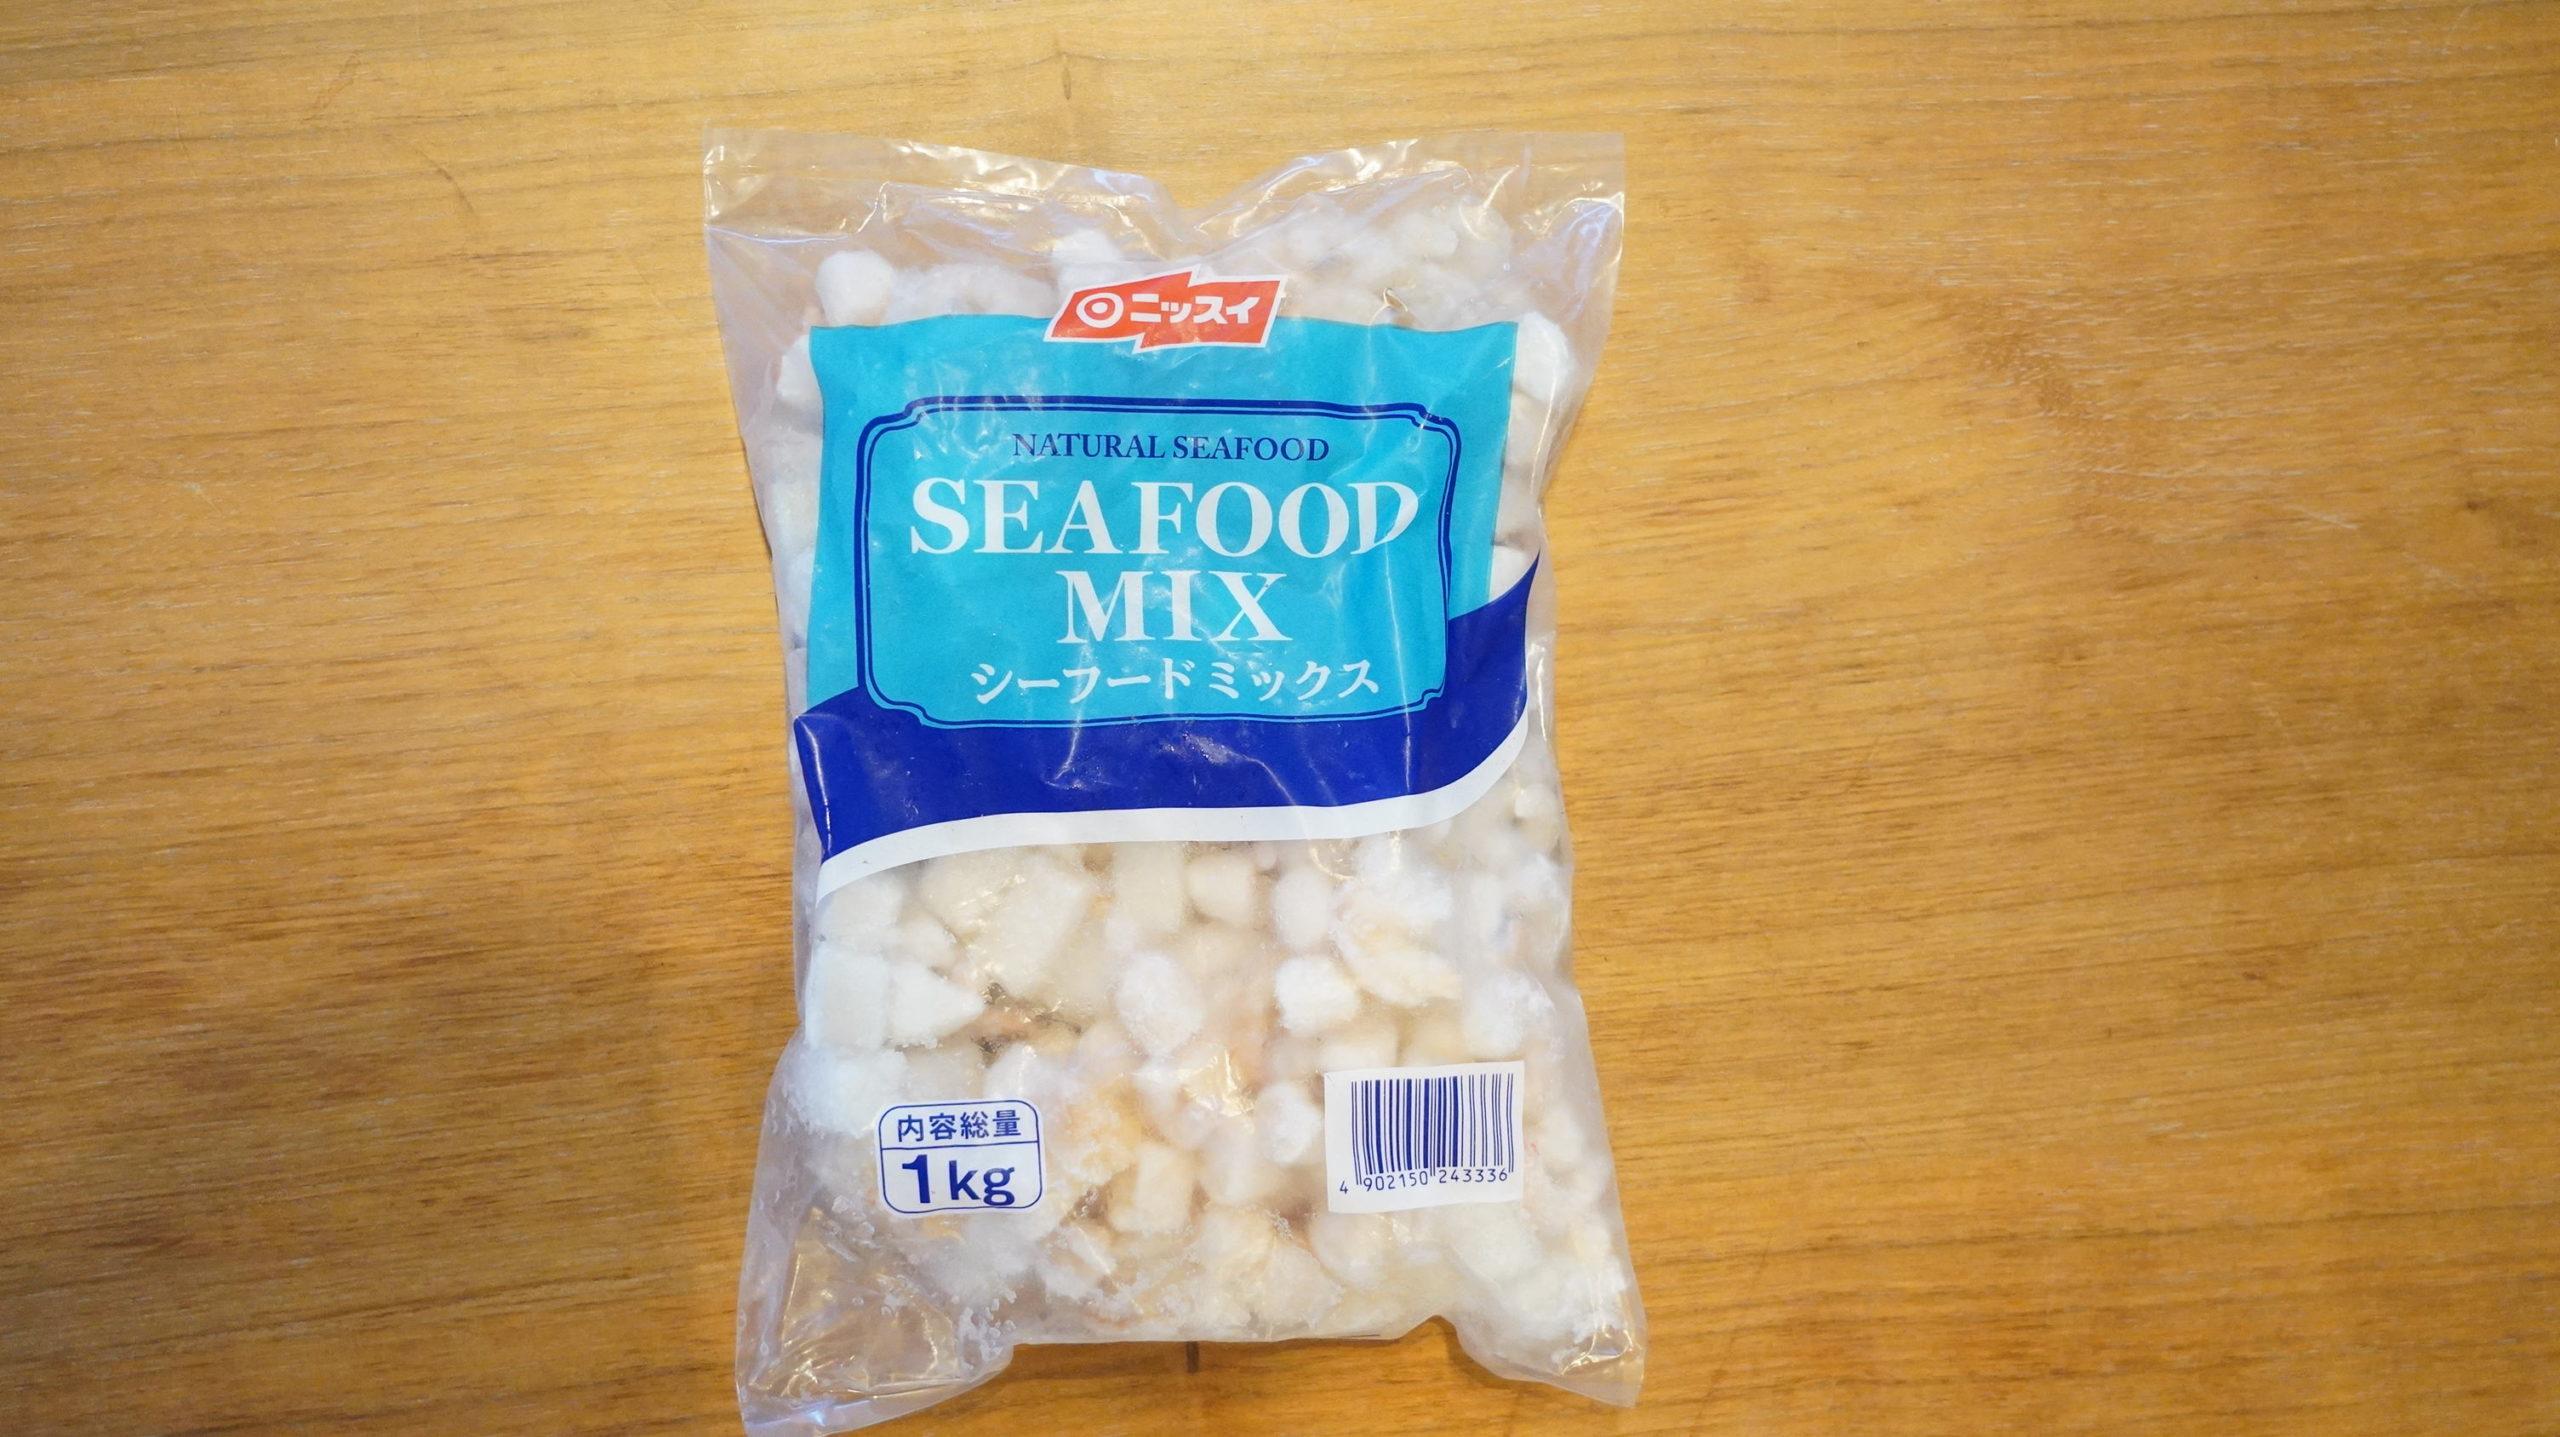 コストコのおすすめ冷凍食品「ニッスイ シーフードミックス」のパッケージ写真